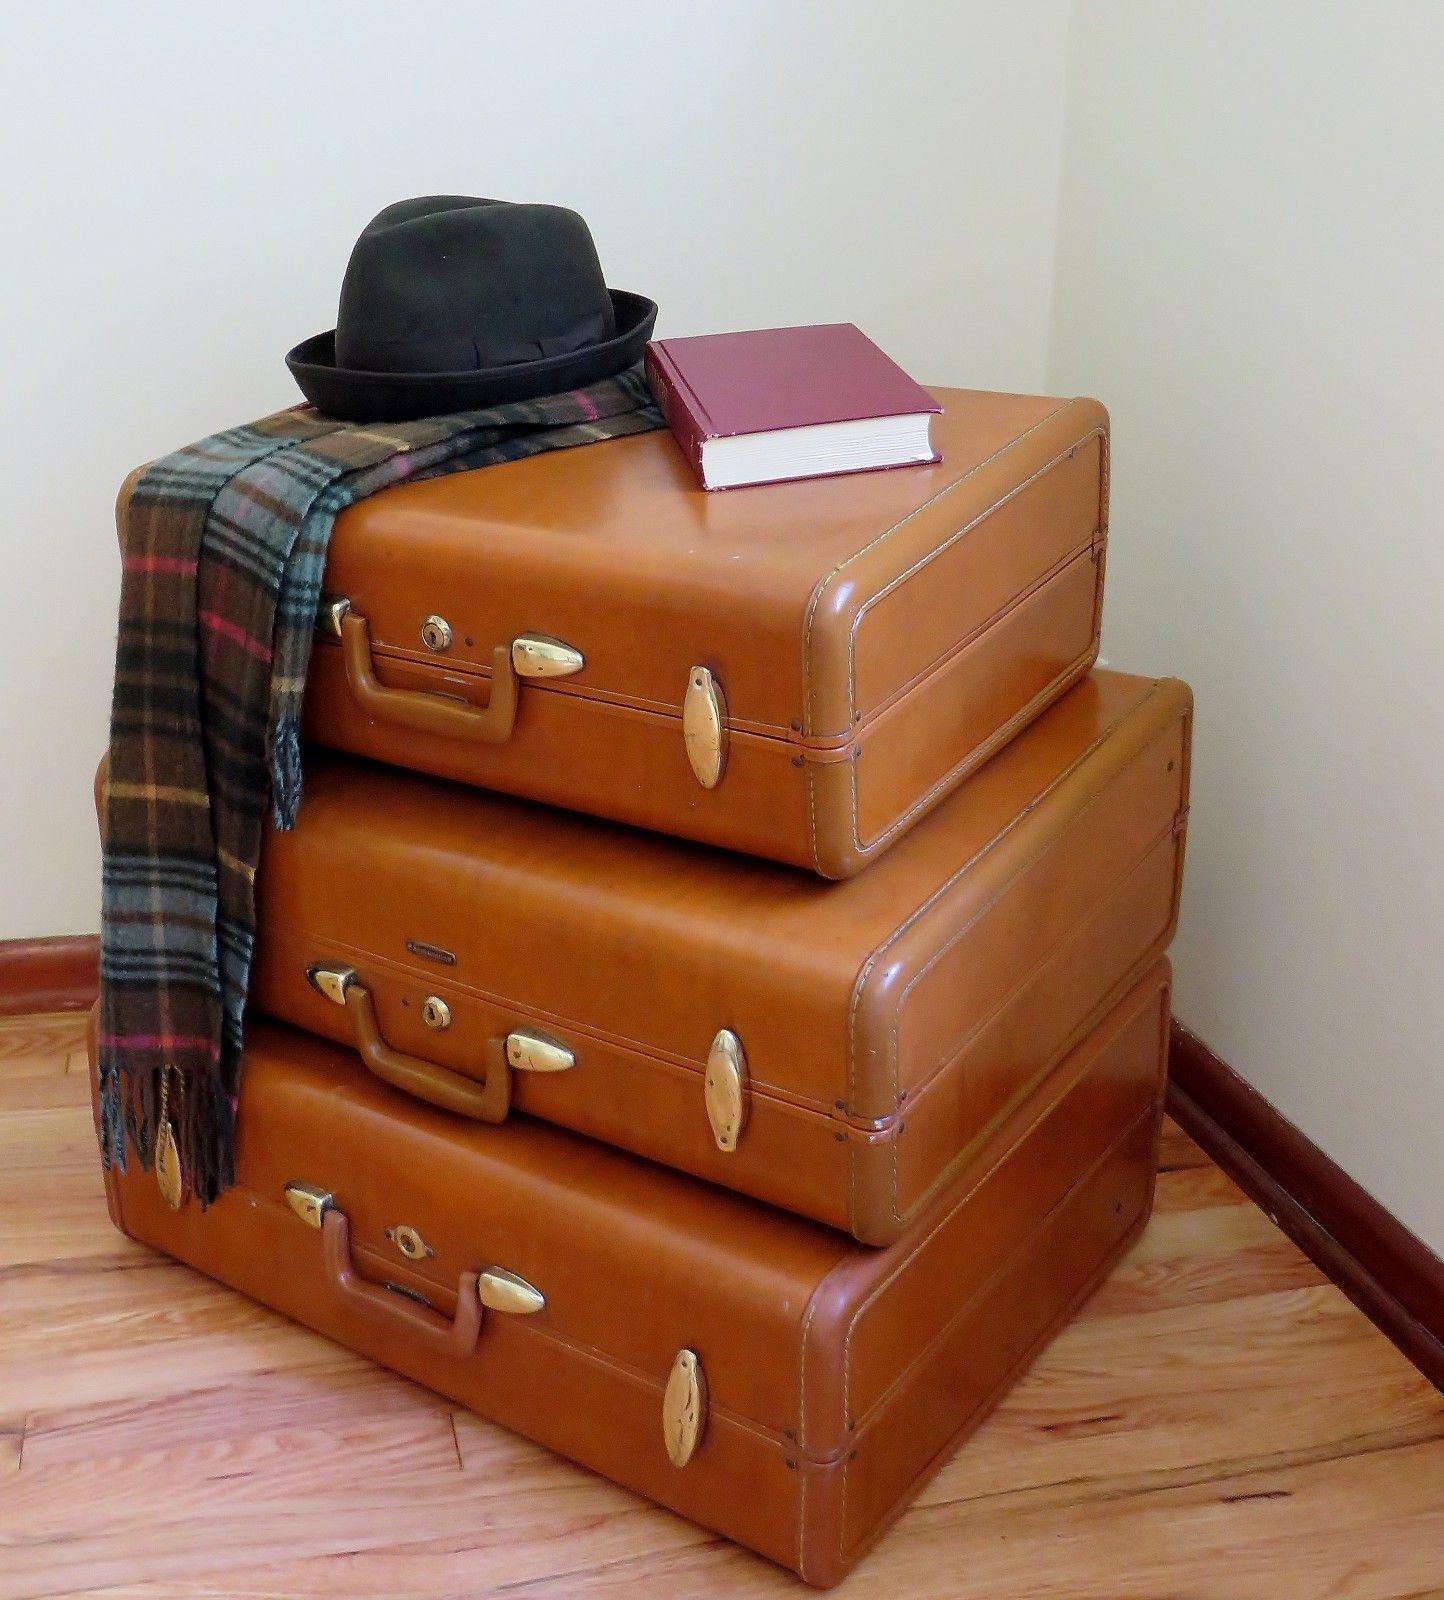 staging a bedroom dresser alternative Baggage